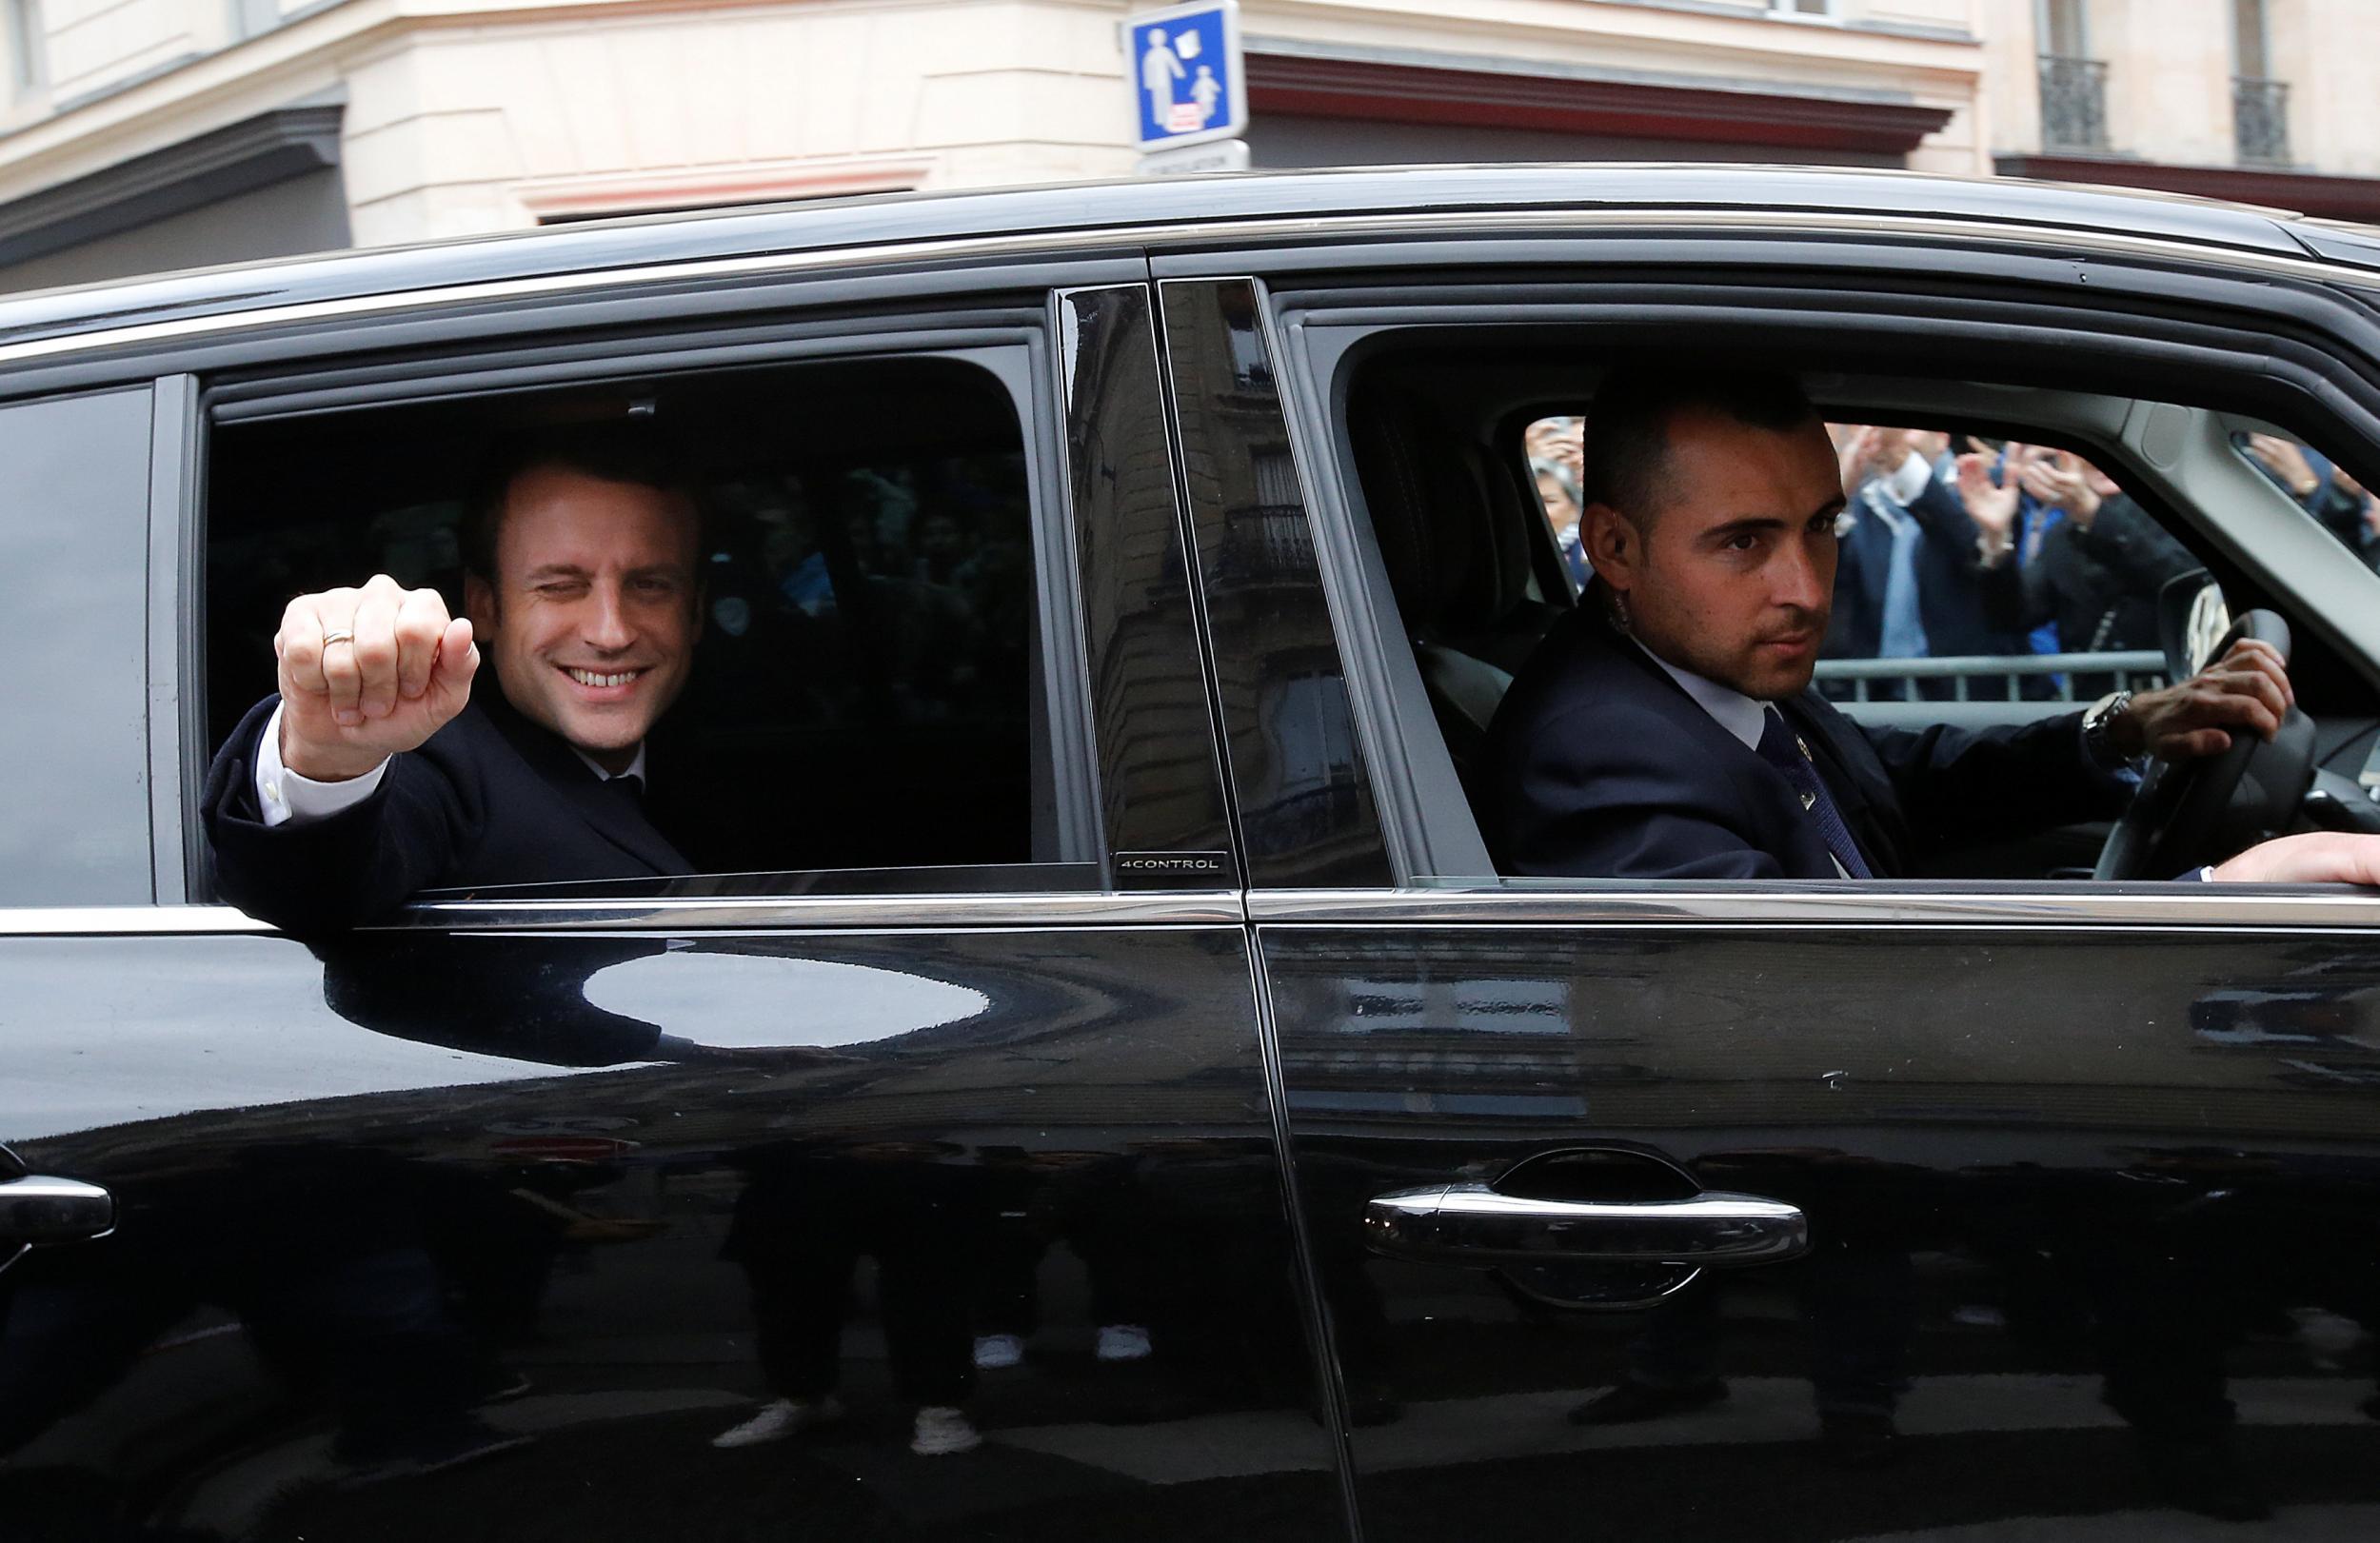 Tân Tổng thống Pháp từng sử dụng chiếc xe nào?